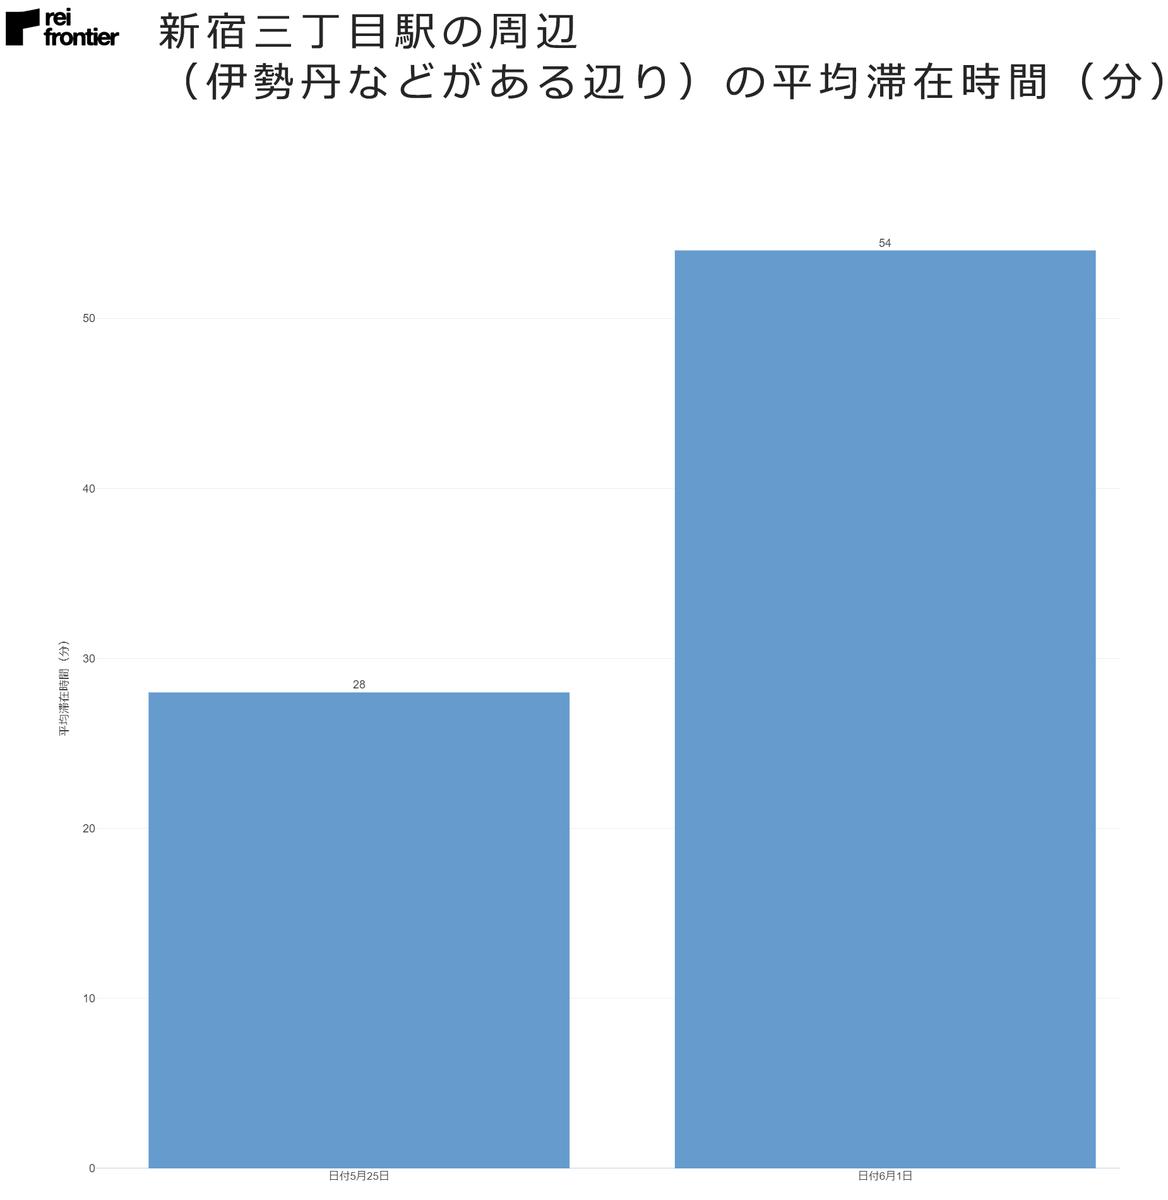 新宿三丁目駅の周辺(伊勢丹などがある辺り)の平均滞在時間